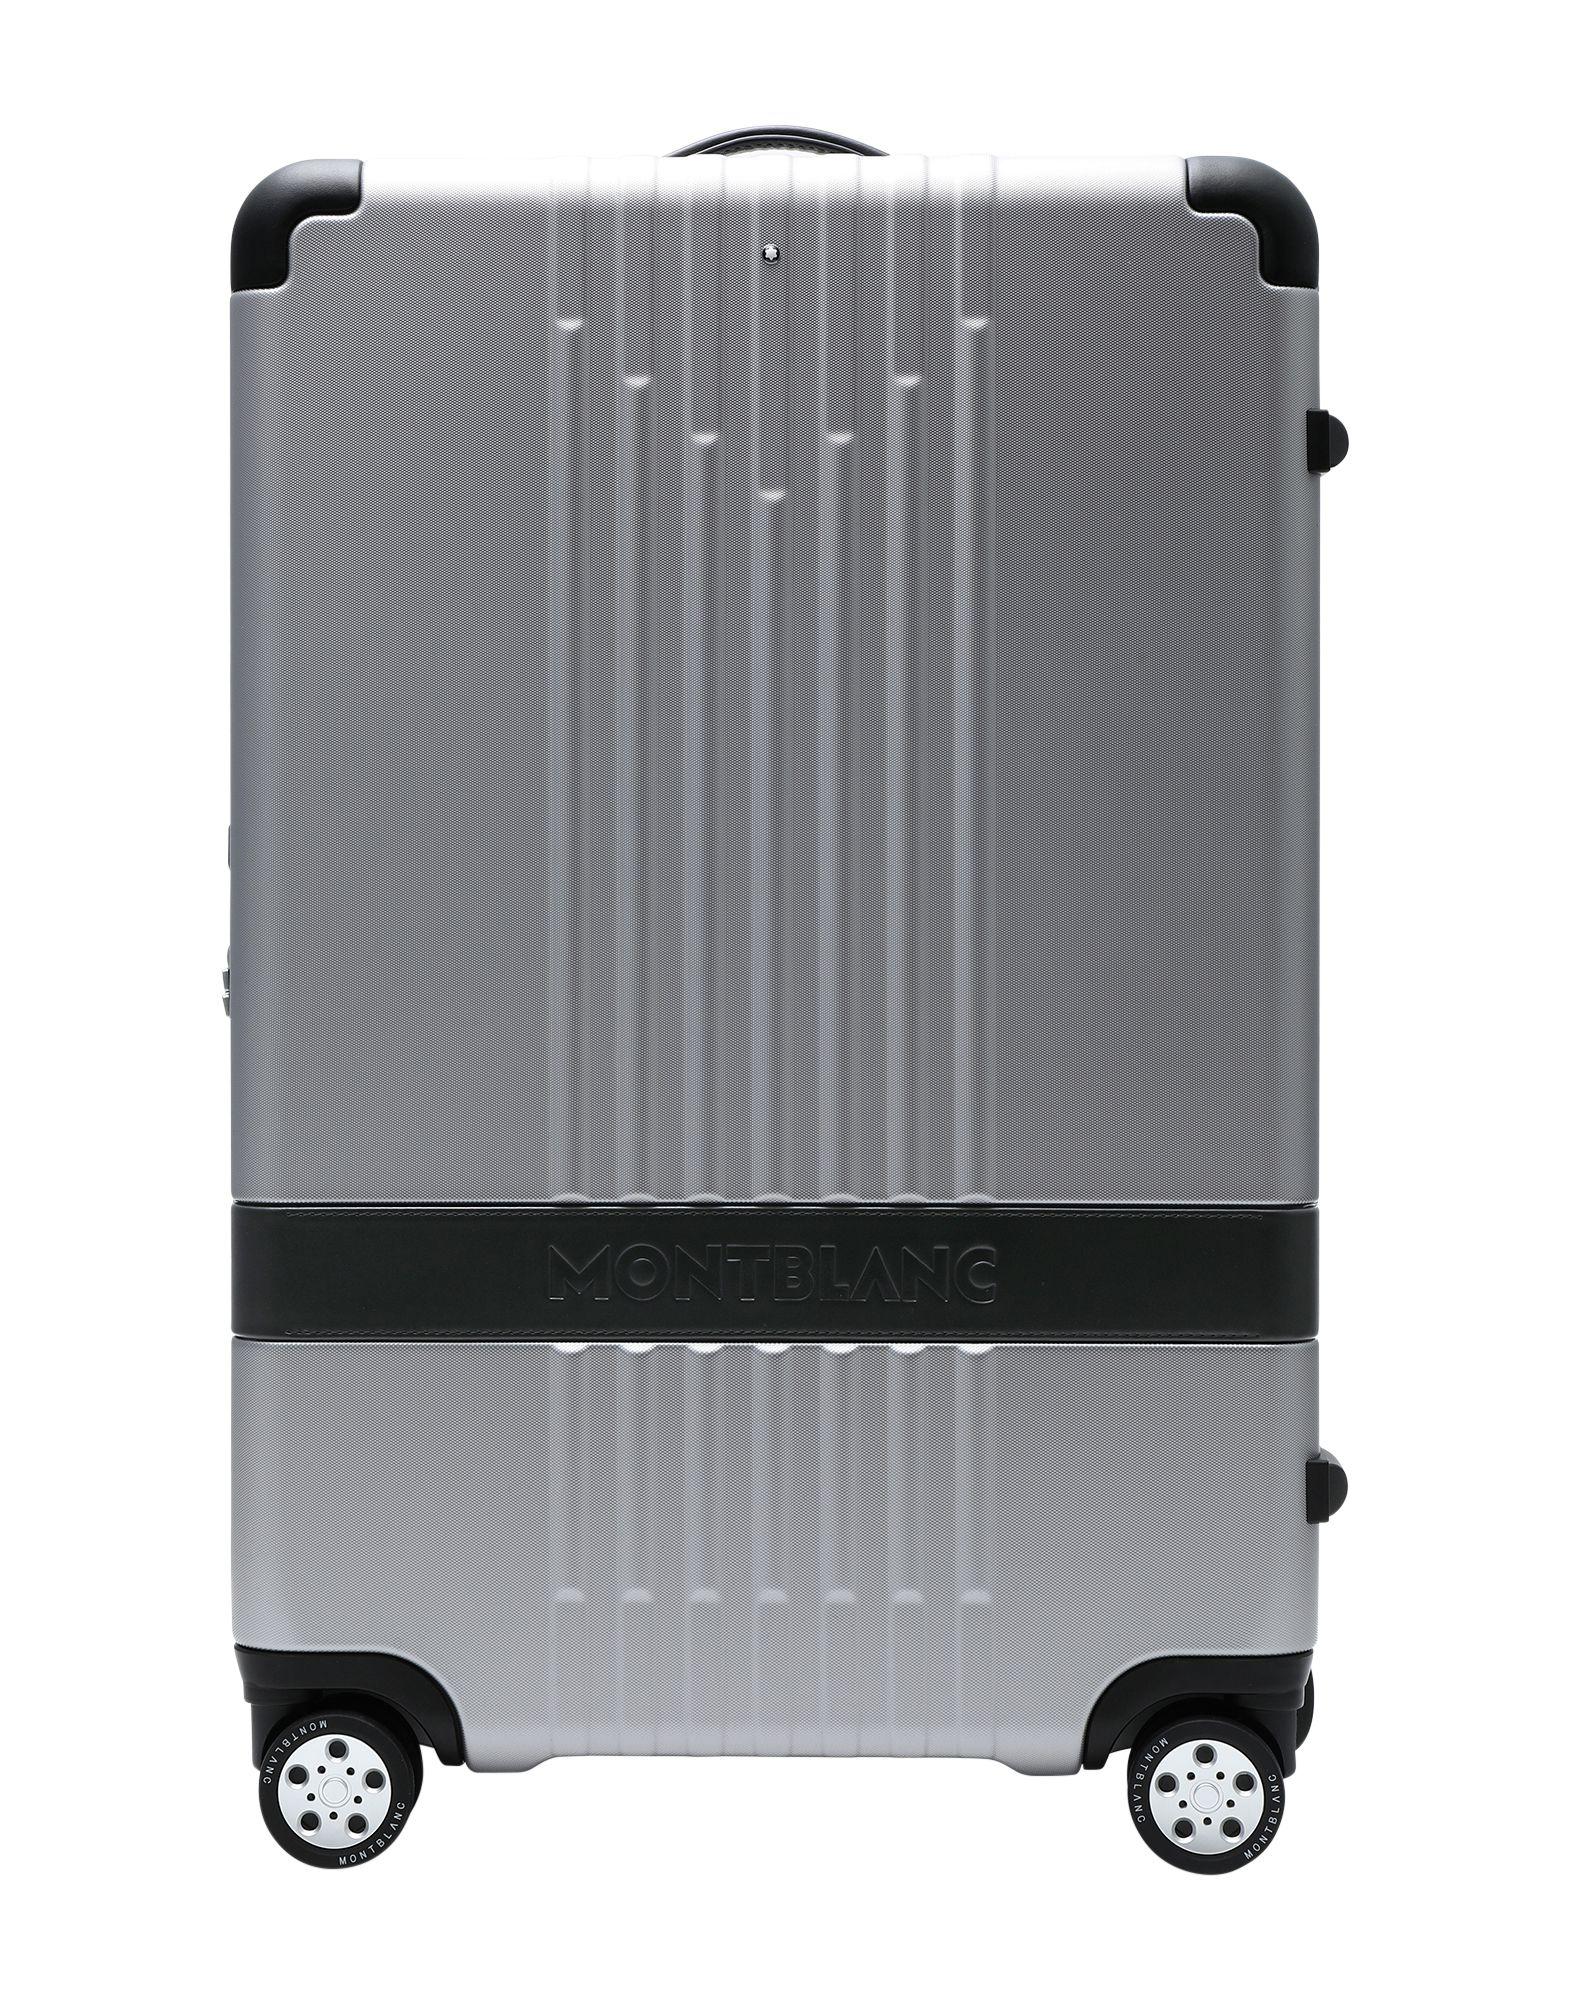 《セール開催中》MONTBLANC Unisex キャスター付きバッグ シルバー ポリカーボネート / 革 #MY4810 MEDIUM TROLLEY